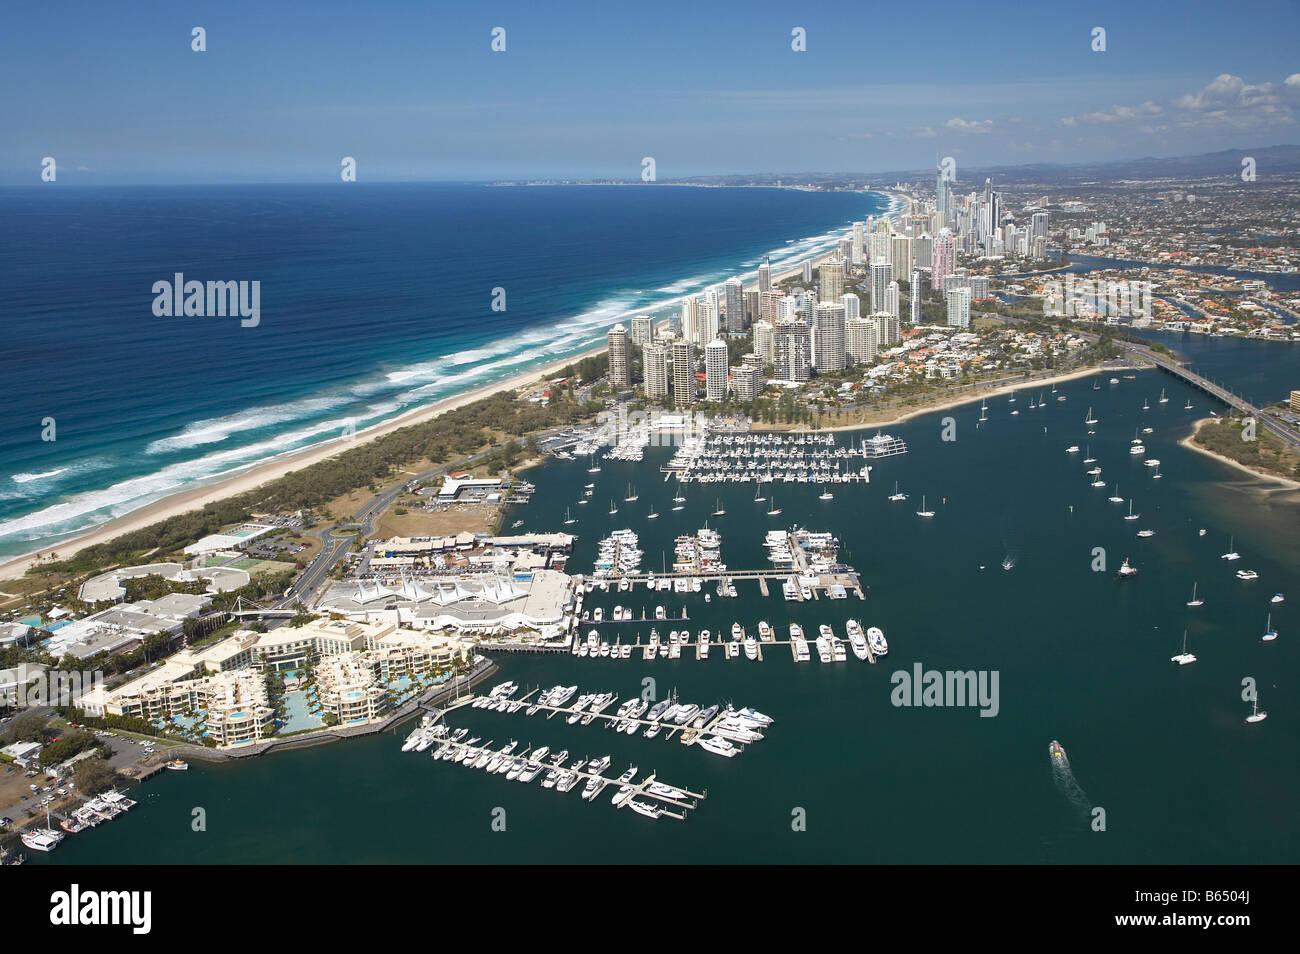 Palazzo Versace Luxury Resort And Marina The Broadwater And